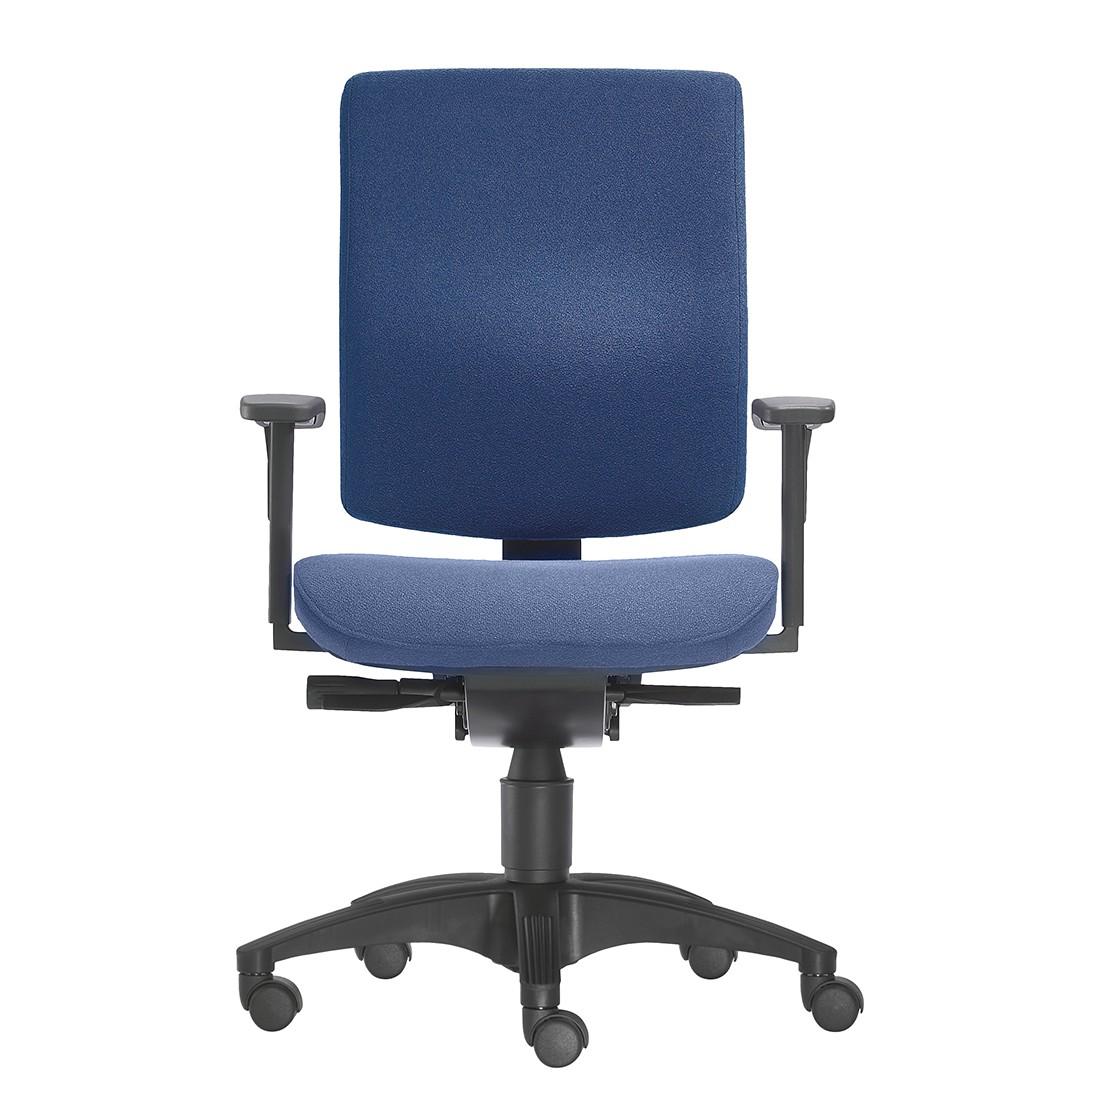 Bürodrehstuhl Cube S – Höhenverstellbare Armlehnen – Dunkelblau, 1000 Stühle Gernot-M. Steifensand jetzt bestellen